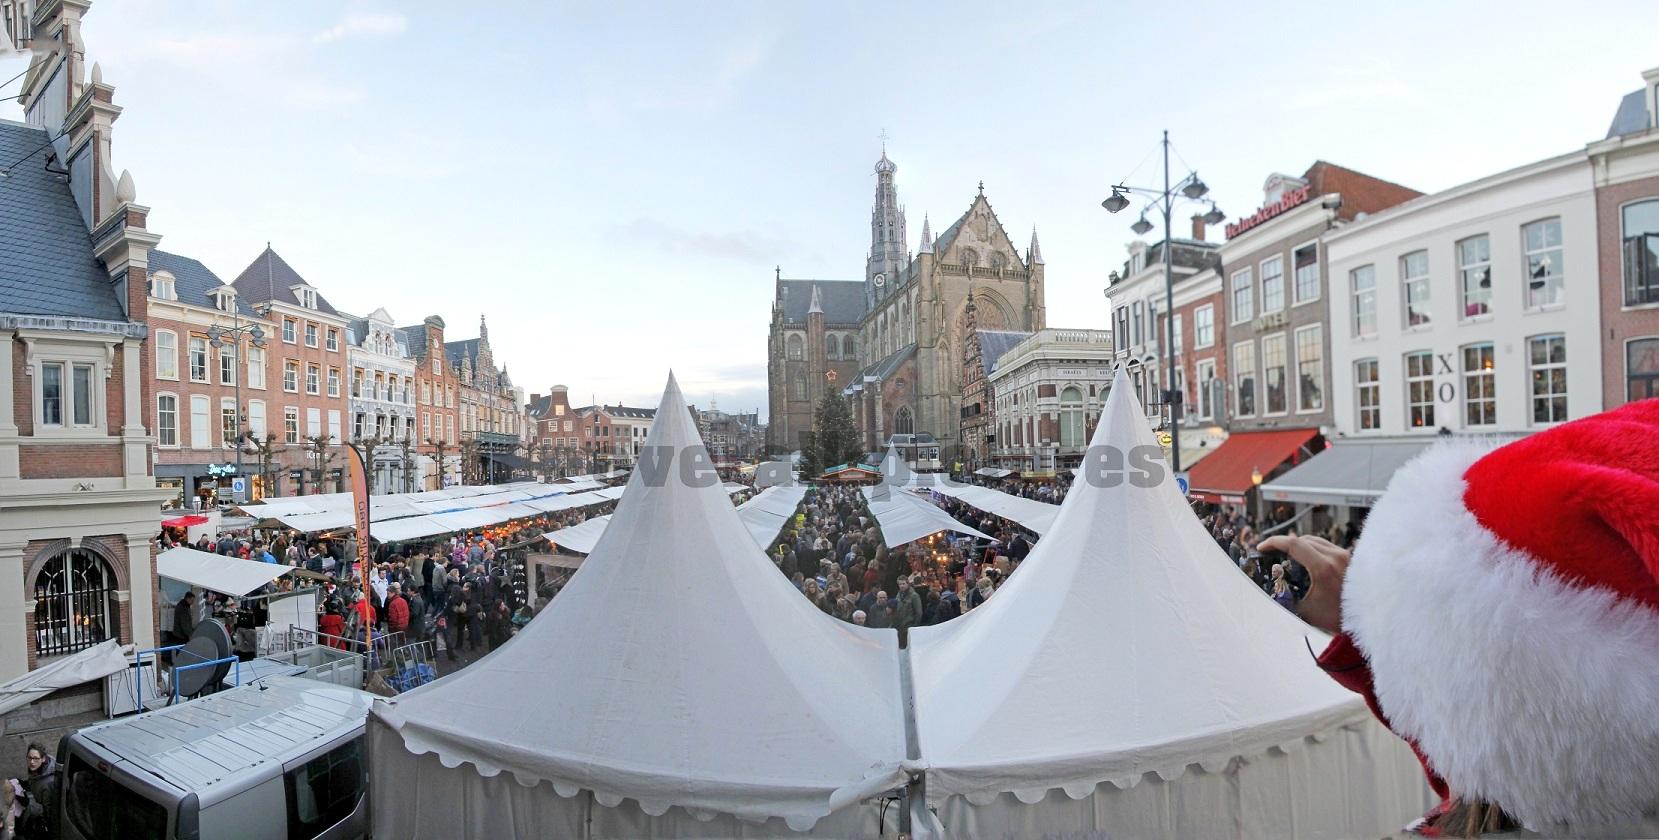 Kerstmarkt Grote Markt Haarlem 2013_panorama1_bewerkt-1